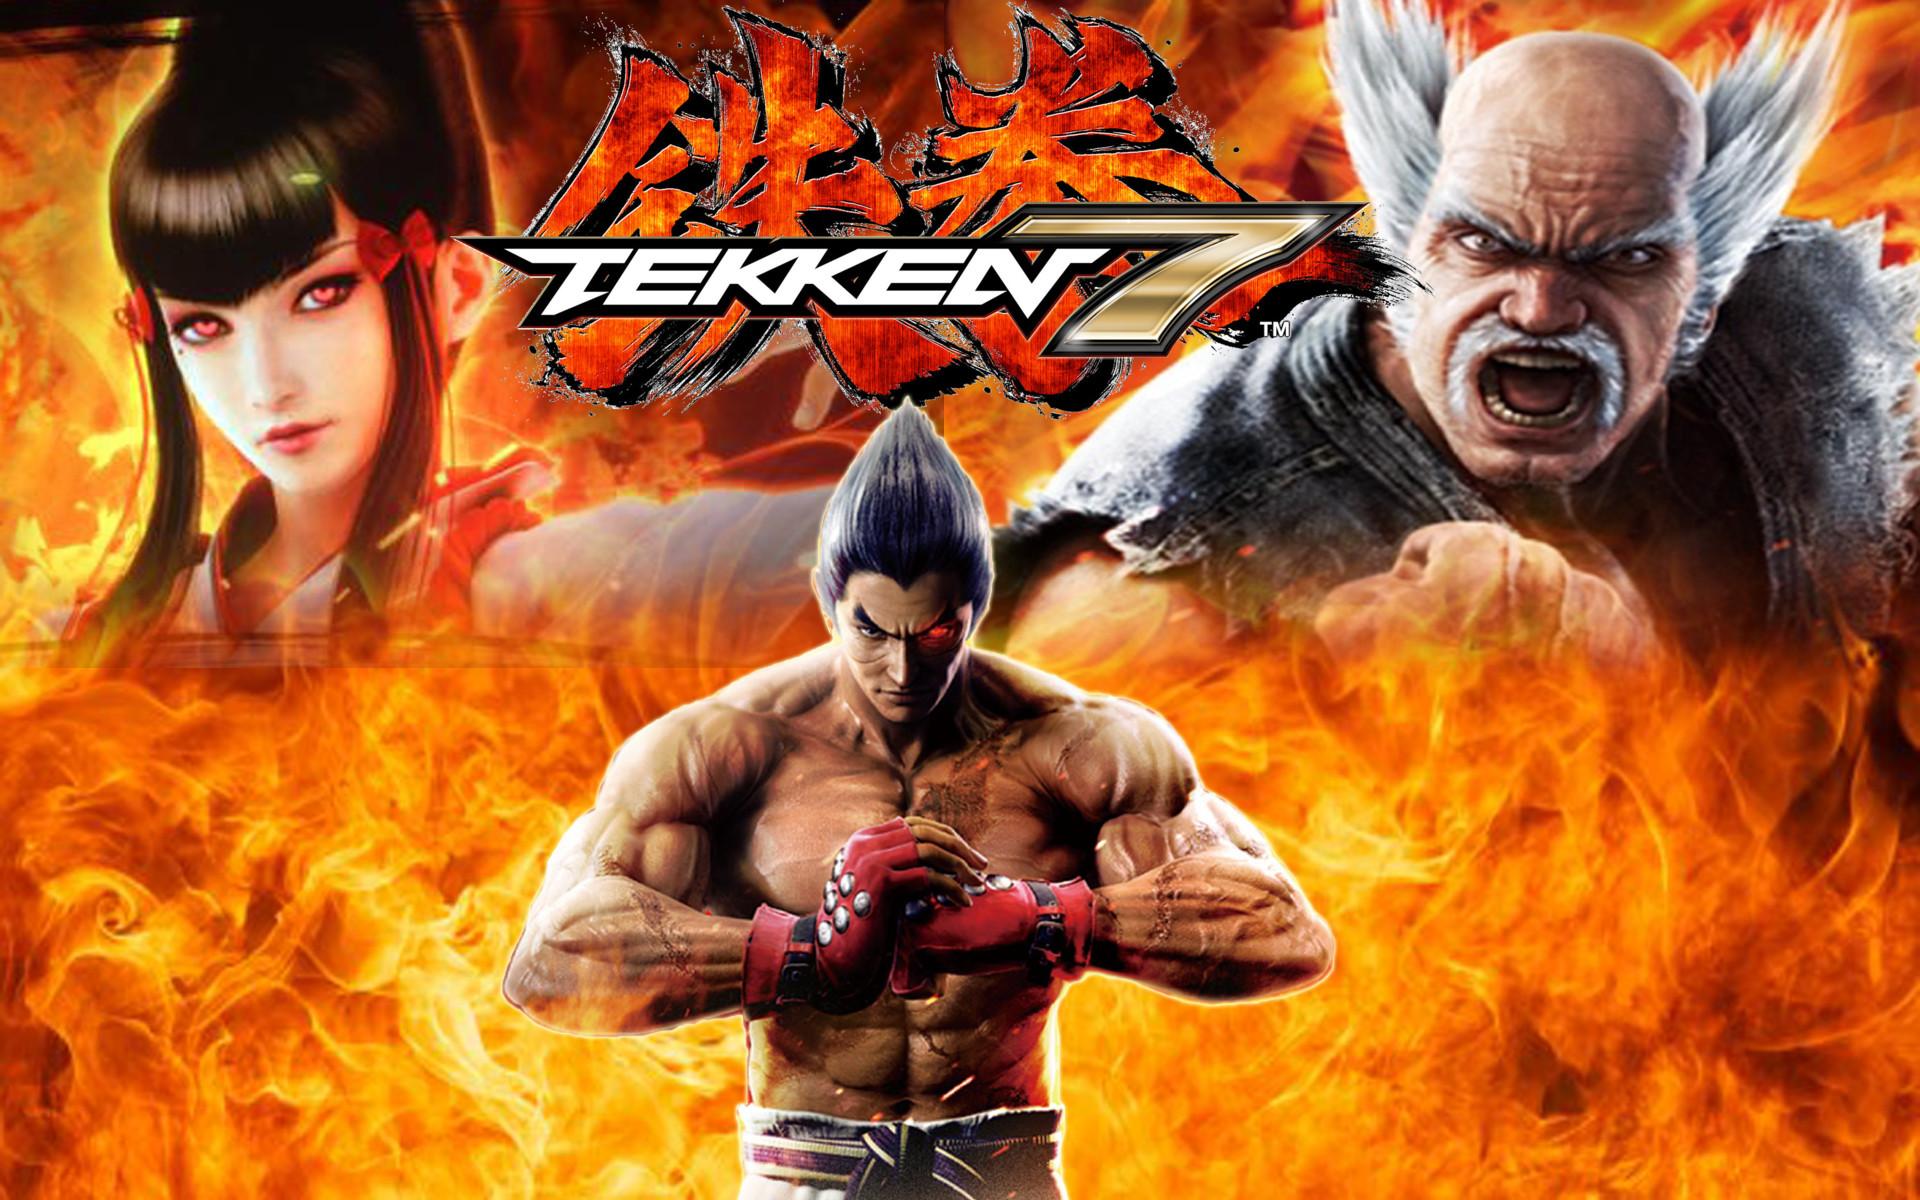 Tekken 7 Wallpapers (73+ images)